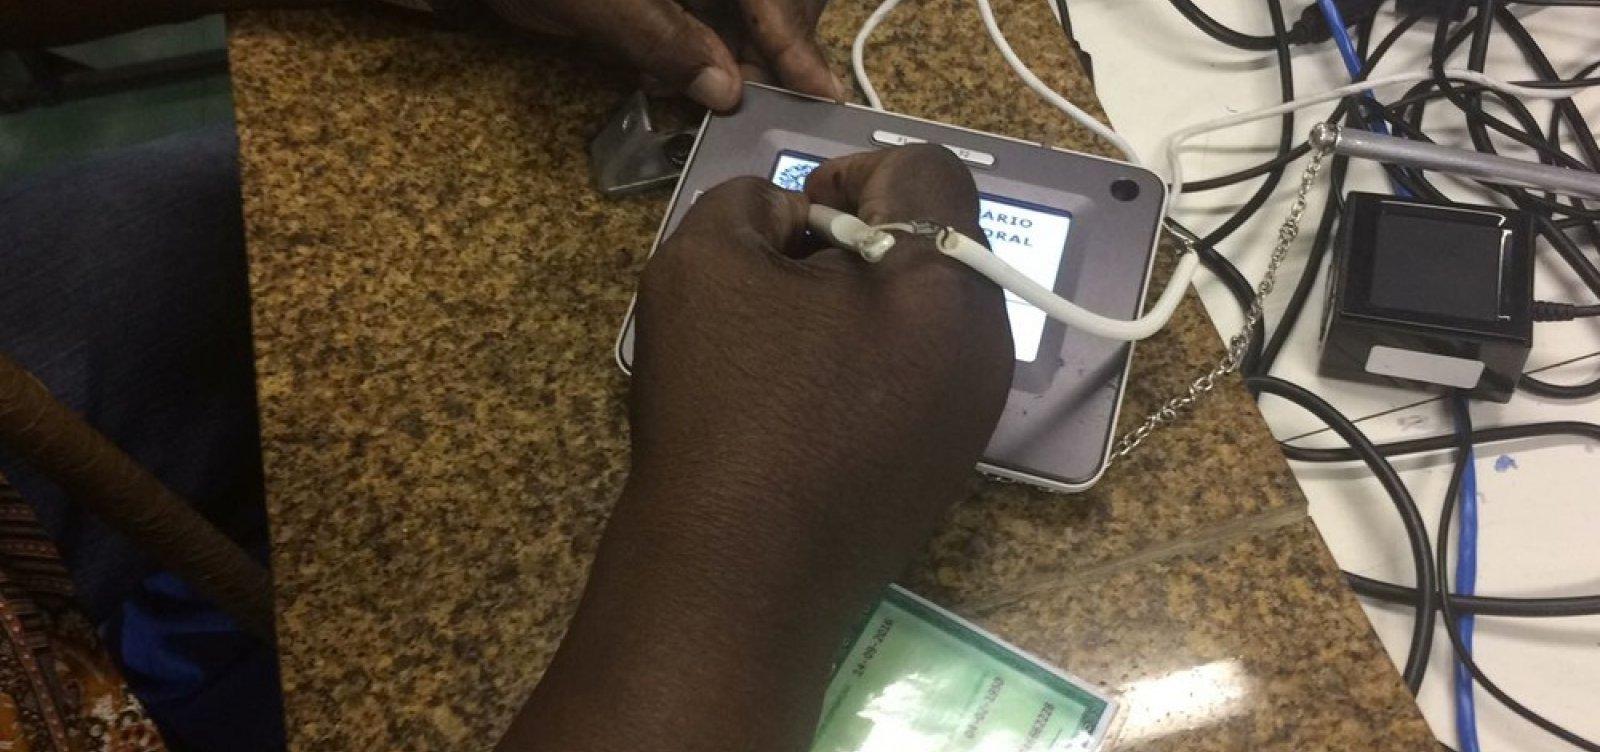 Agendamento de recadastramento biométrico pode ser feito por telefone